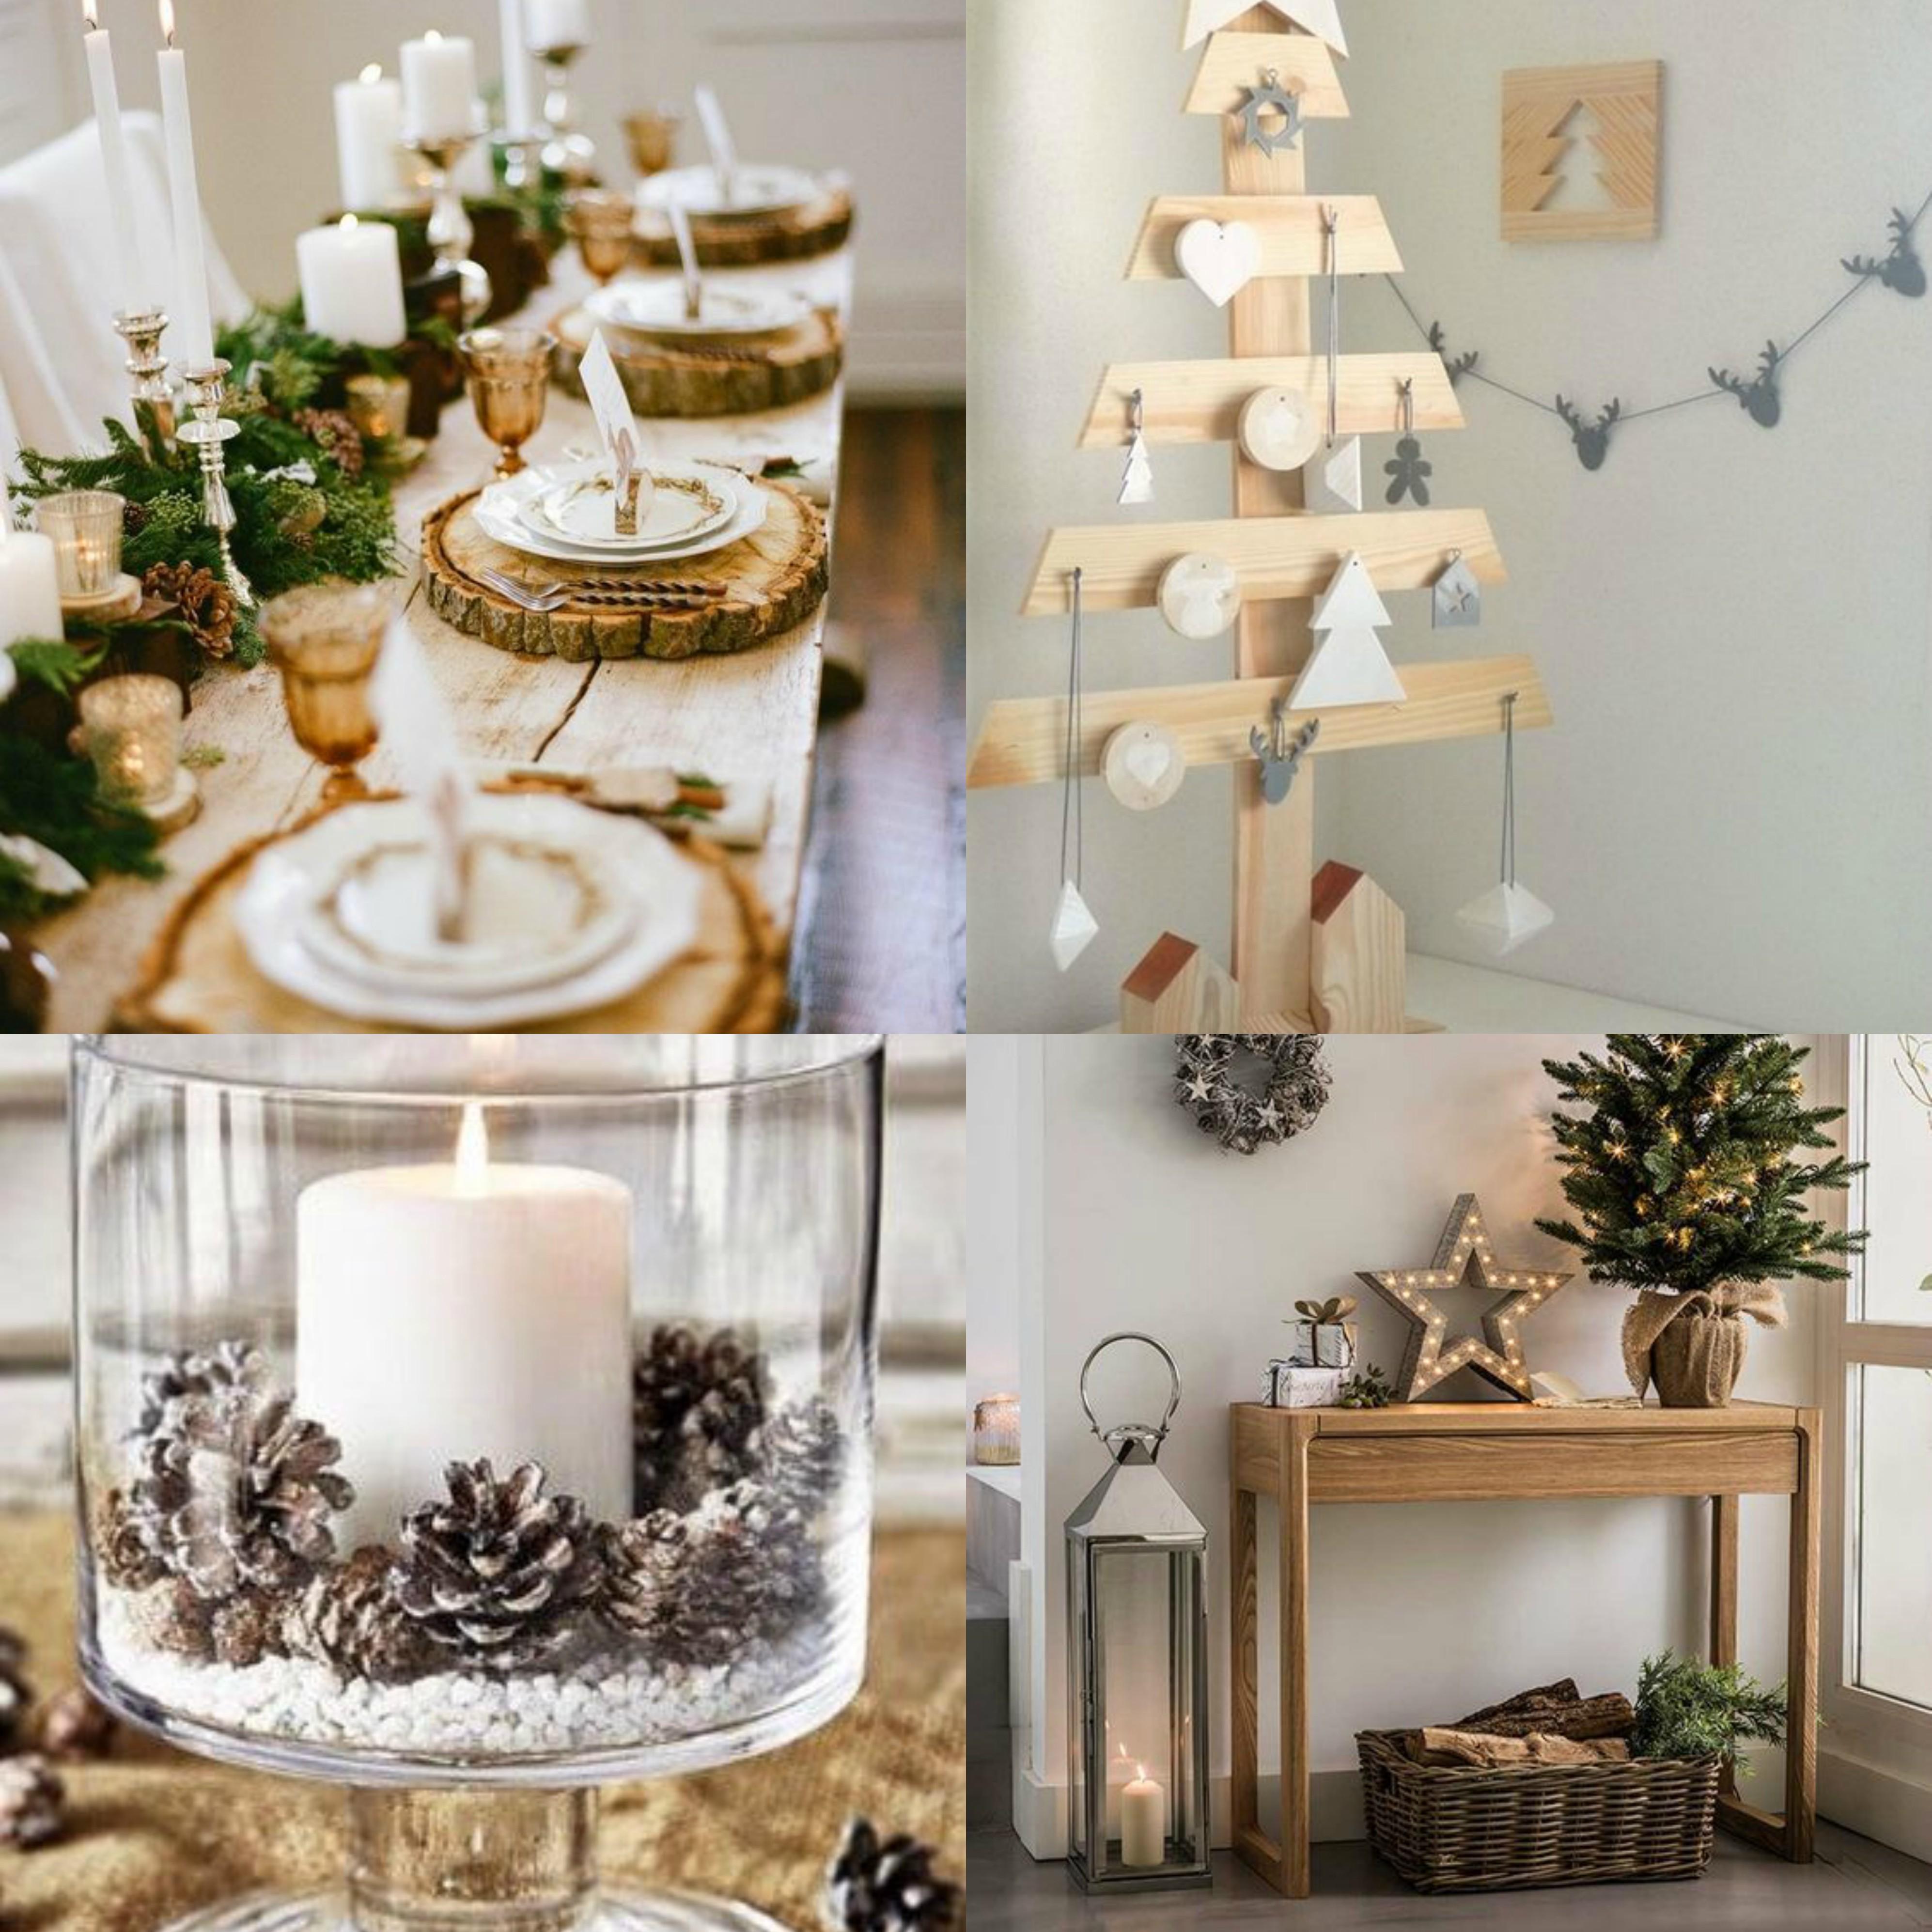 C mo decorar tu casa en navidad desde 3 estilos diferentes - Como adornar tu casa en navidad ...